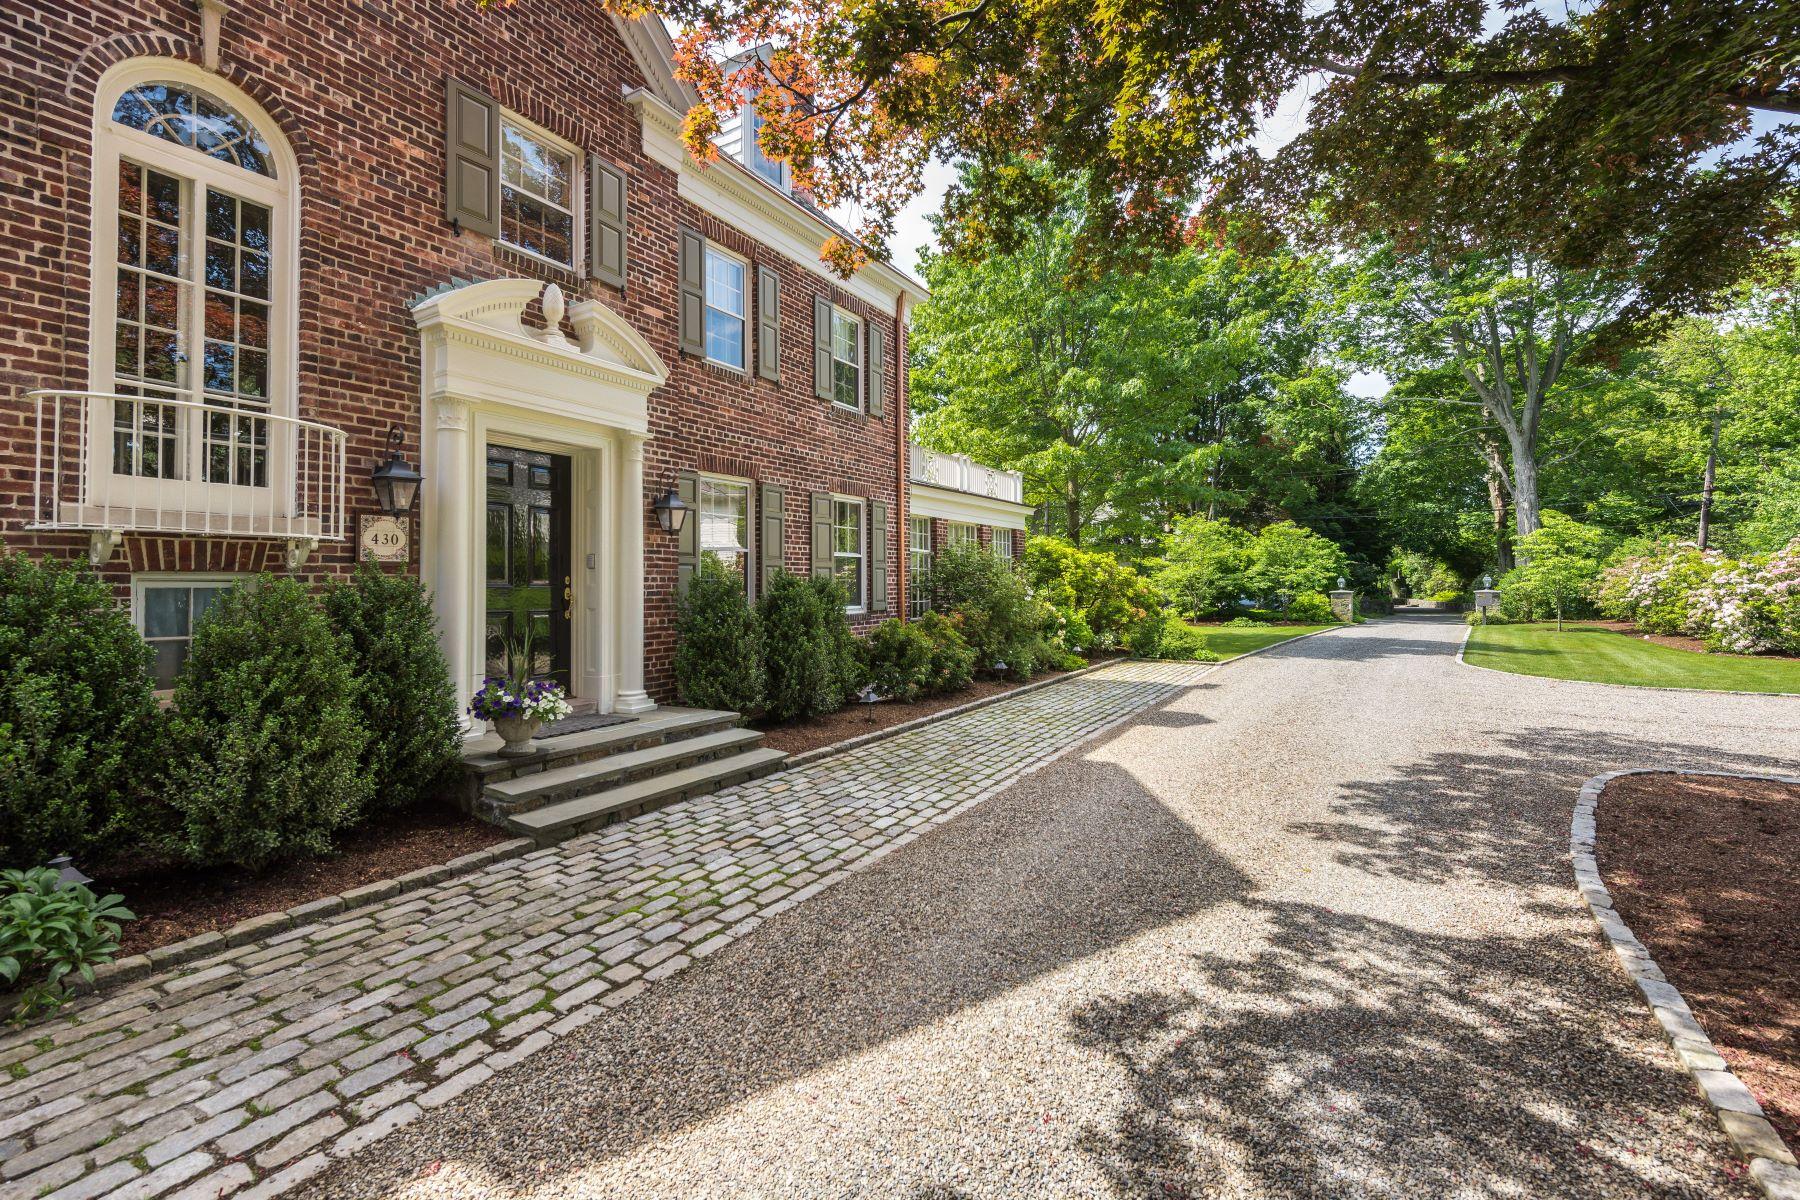 Частный односемейный дом для того Продажа на 430 Park Avenue Rye, Нью-Йорк, 10580 Соединенные Штаты